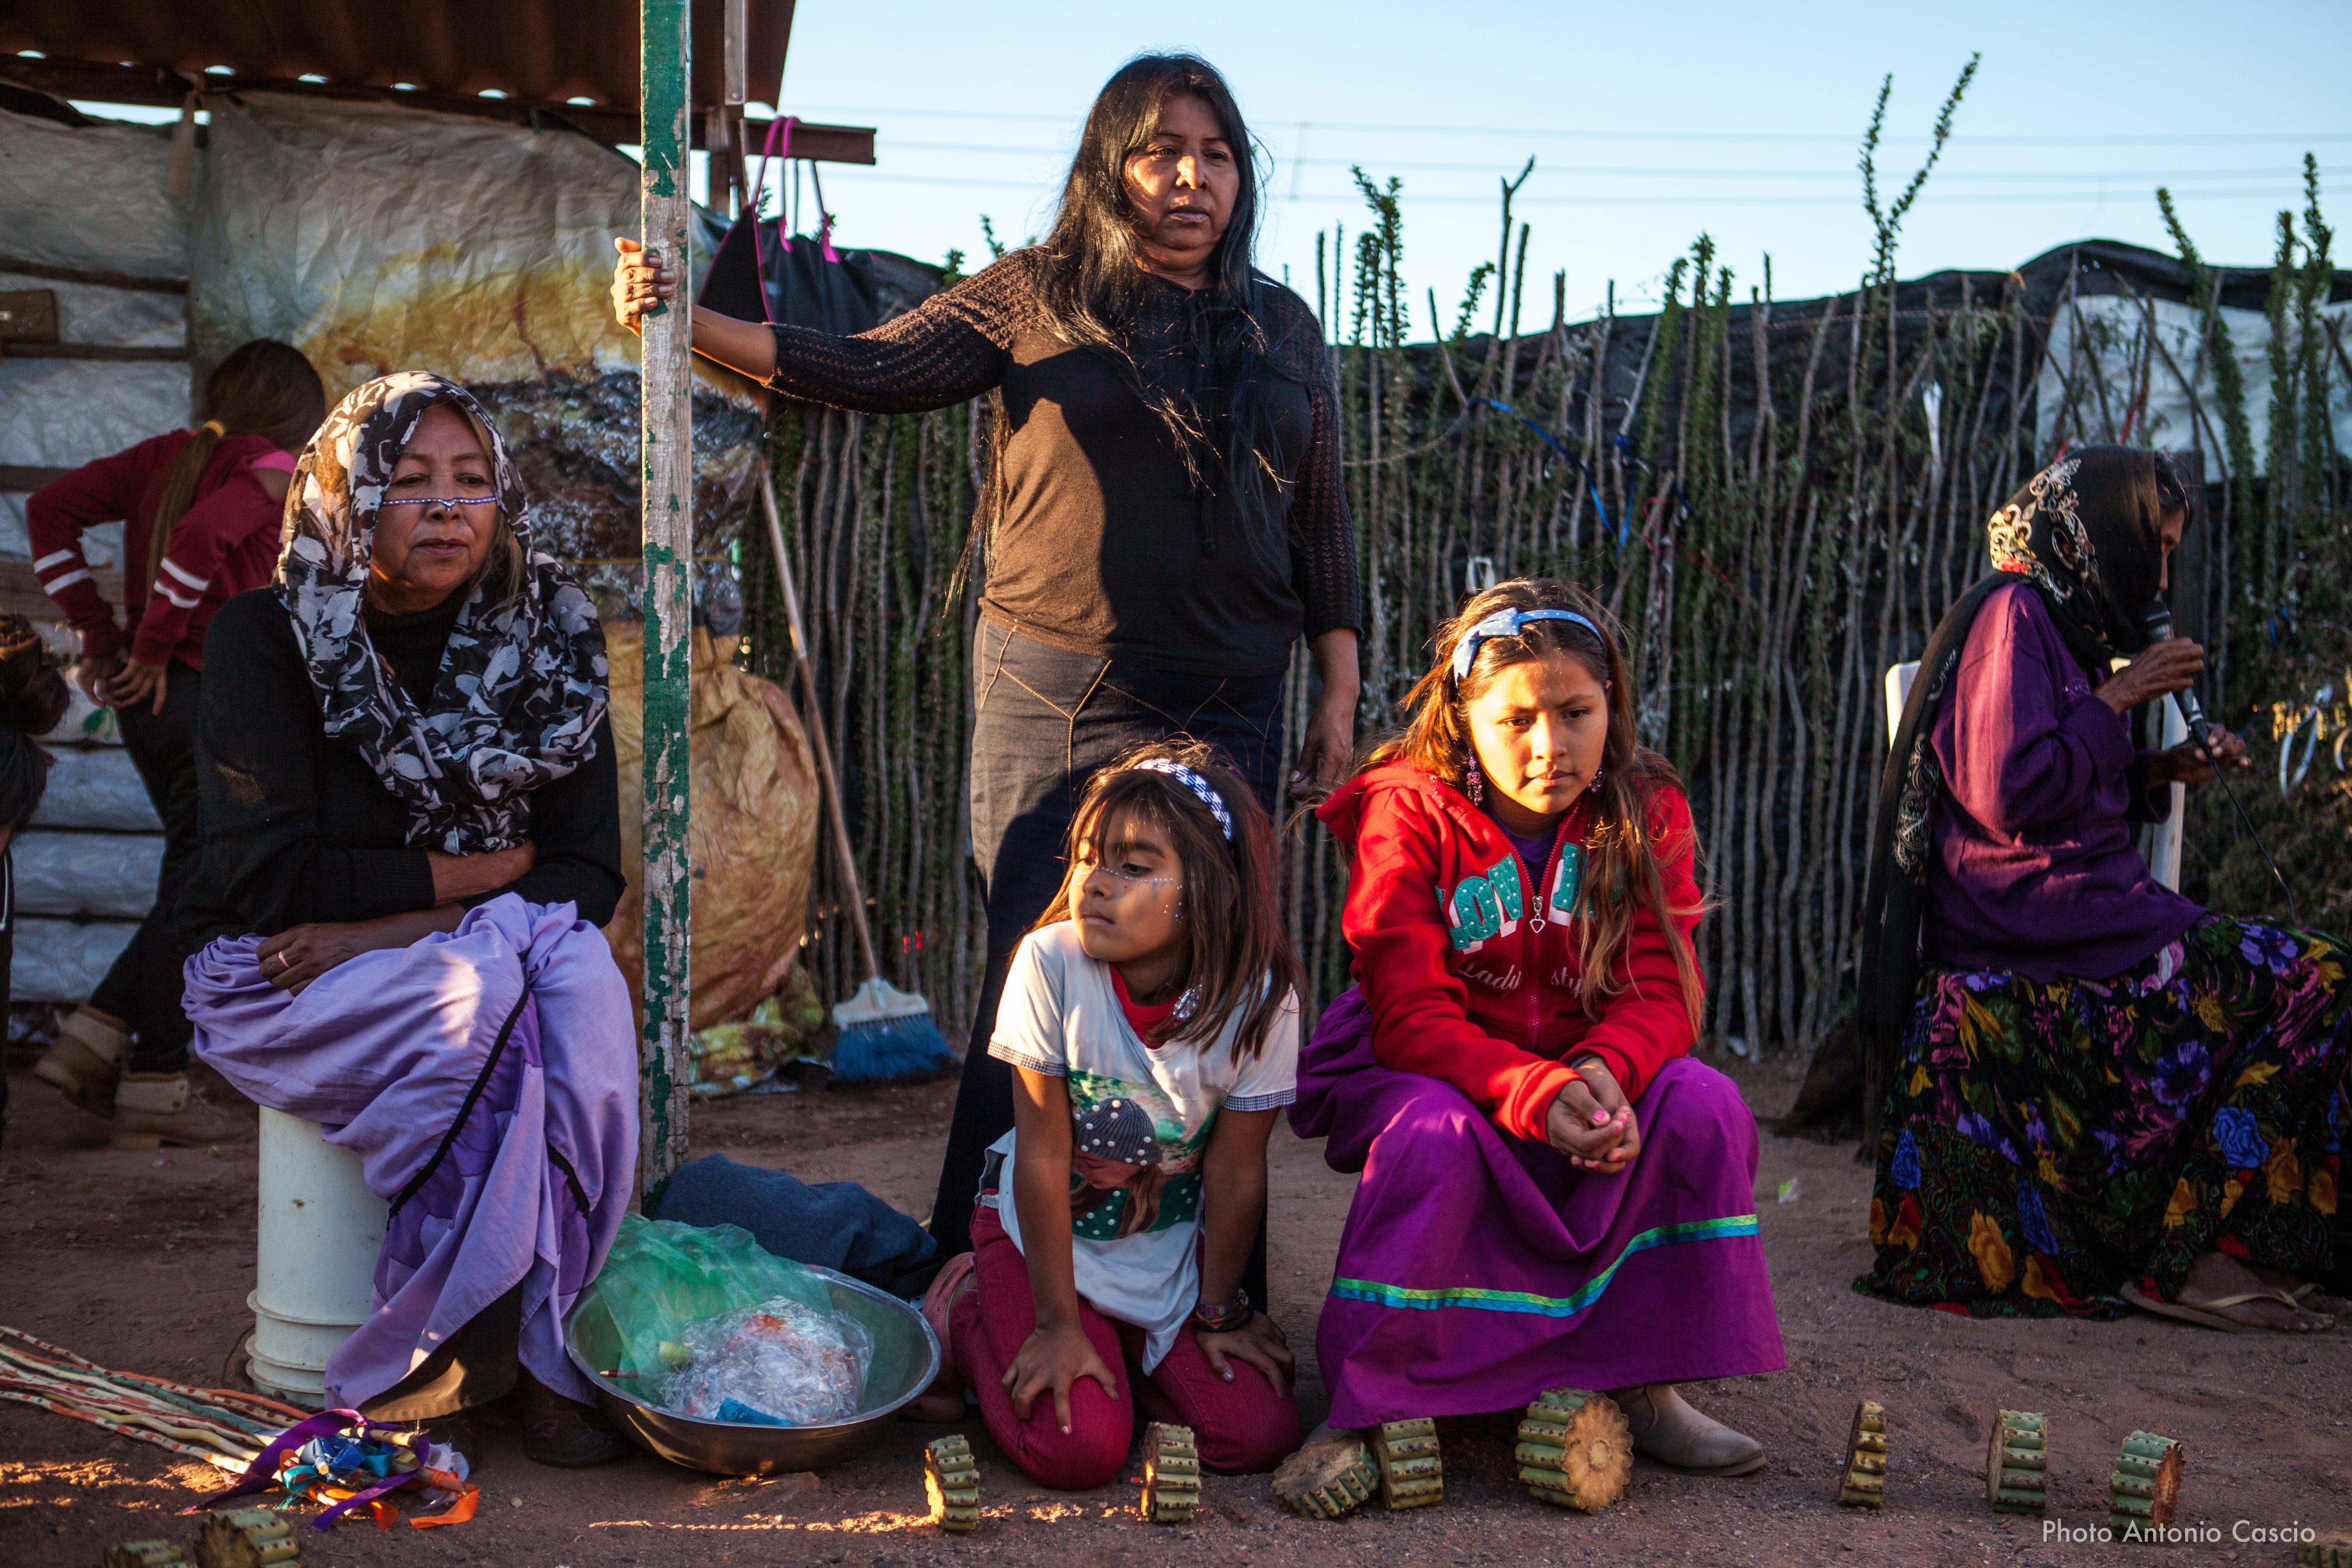 Donne della comunità che partecipano a un gioco tradizionale, mentre la più anziana intona canti ancestrali. Punta Chueca, Sonora, Mexico. 11/12/2019